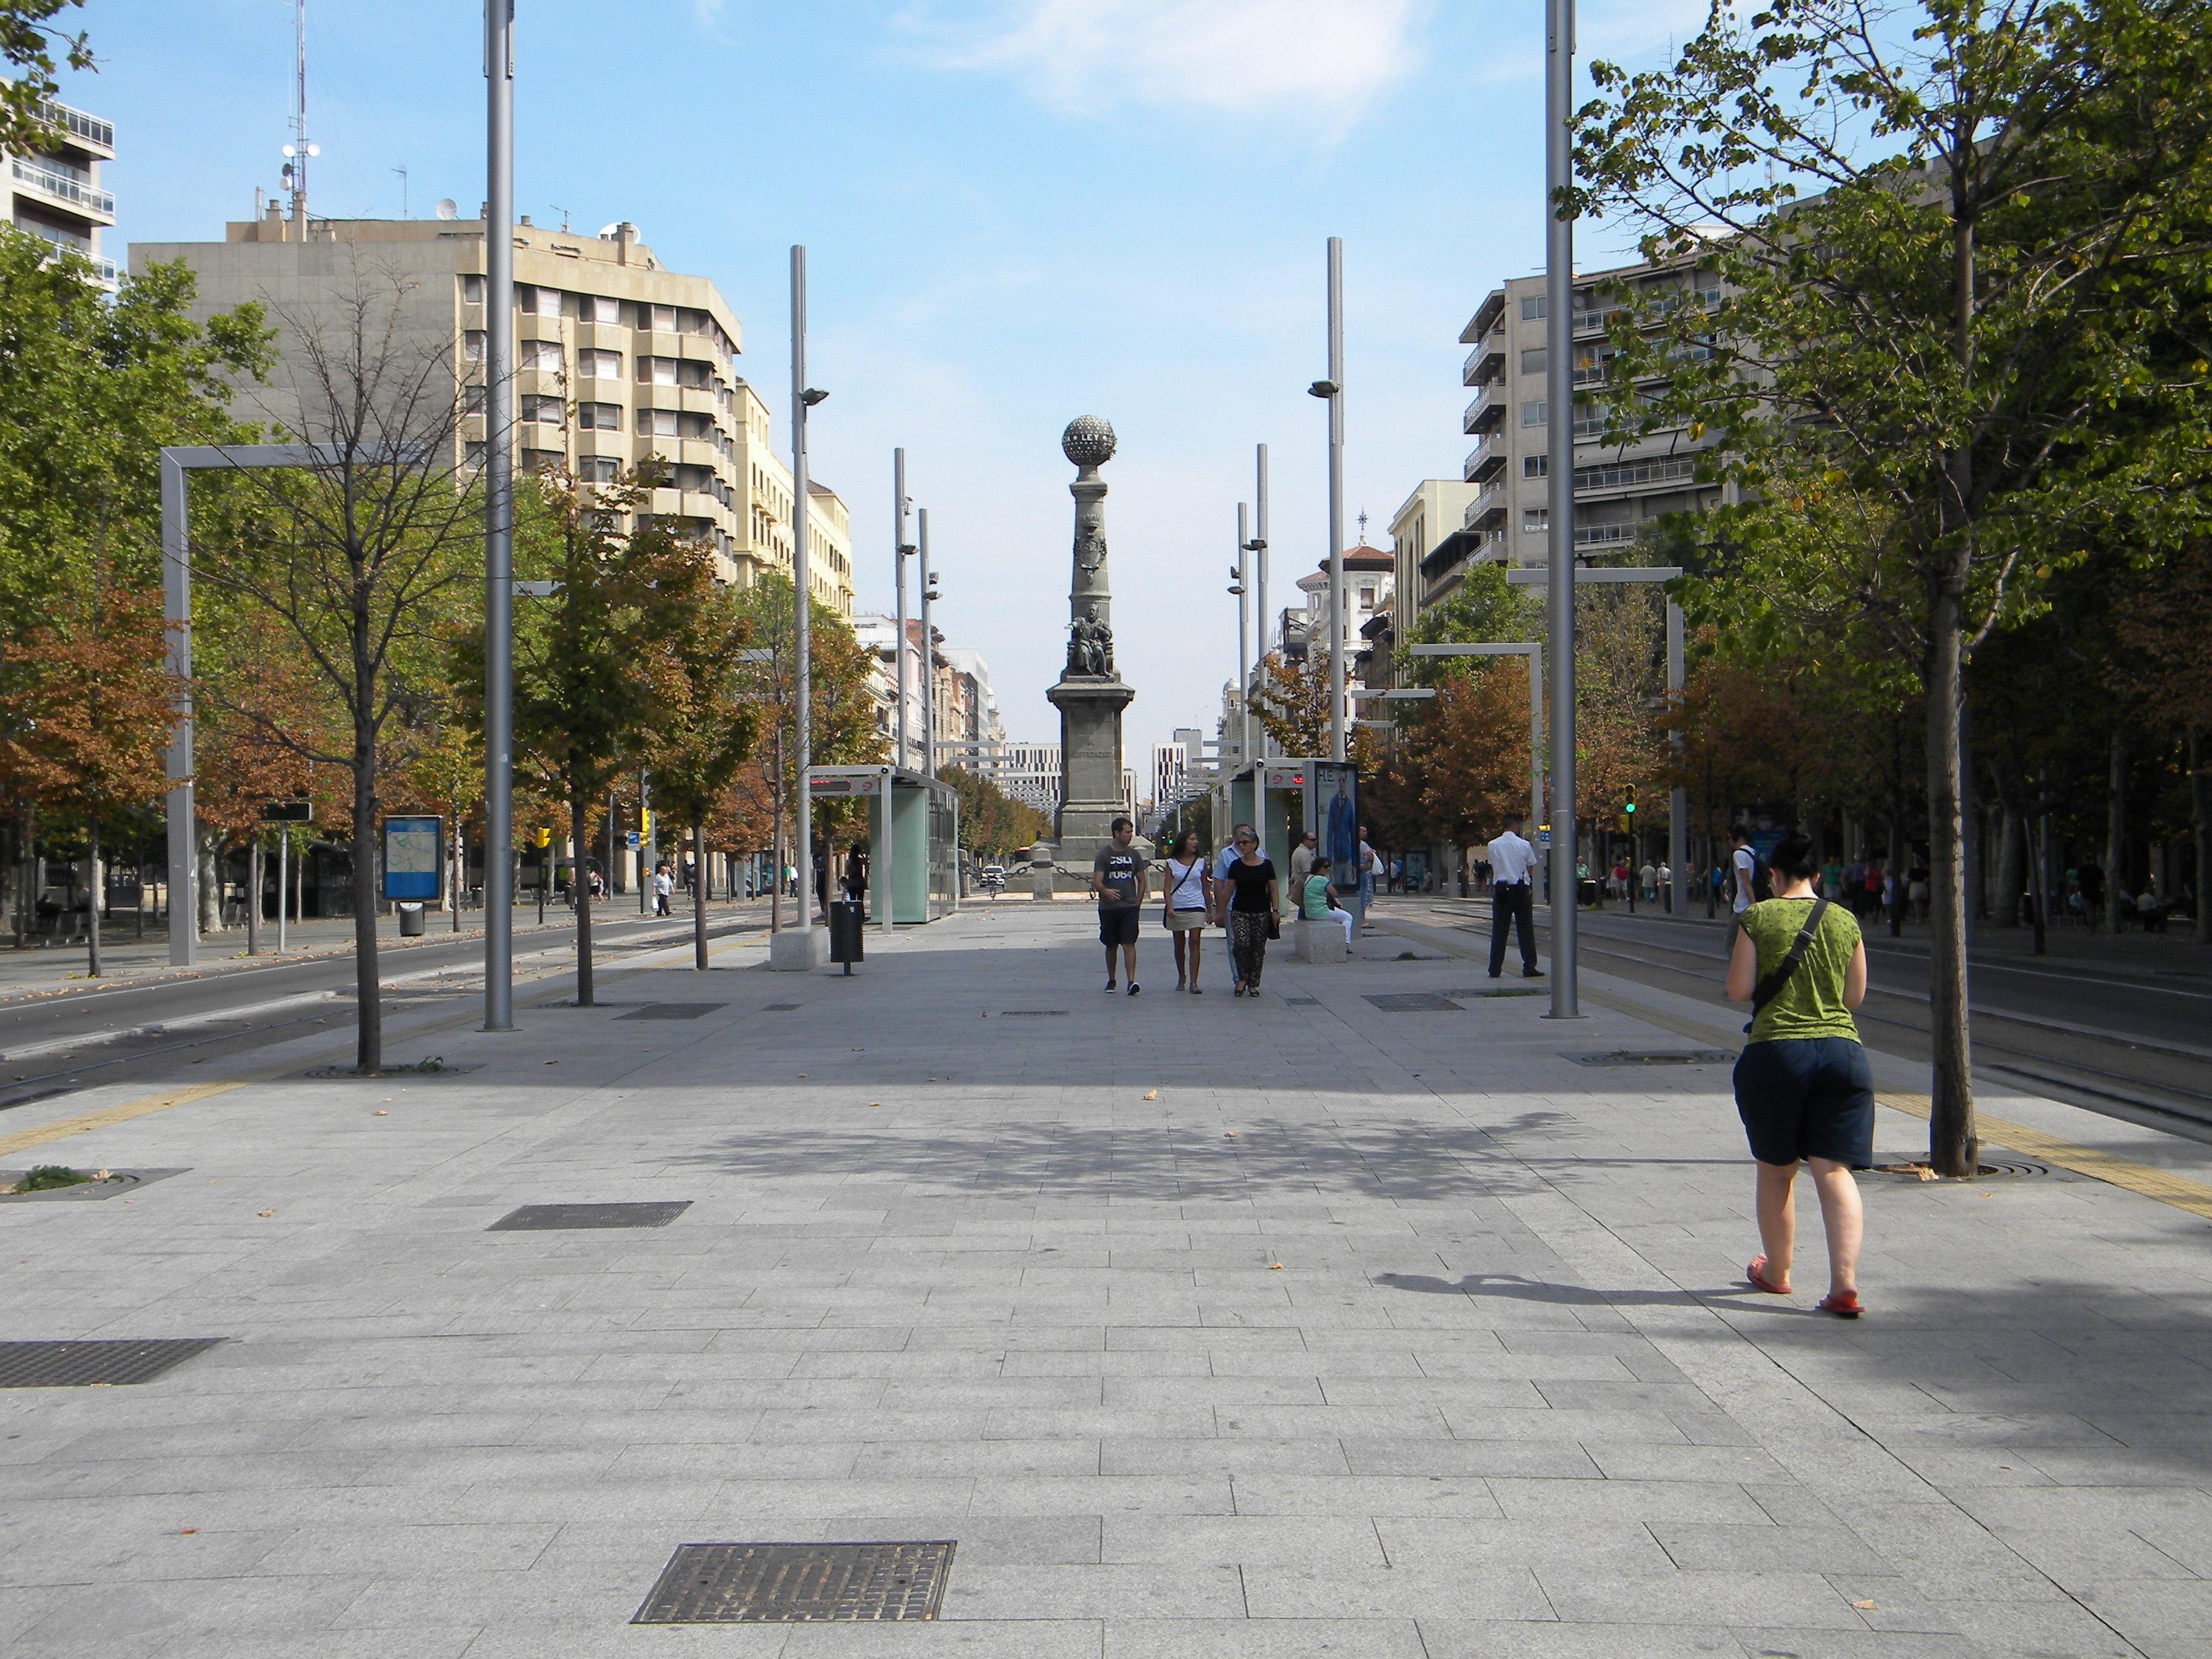 26 Plaza de Aragon